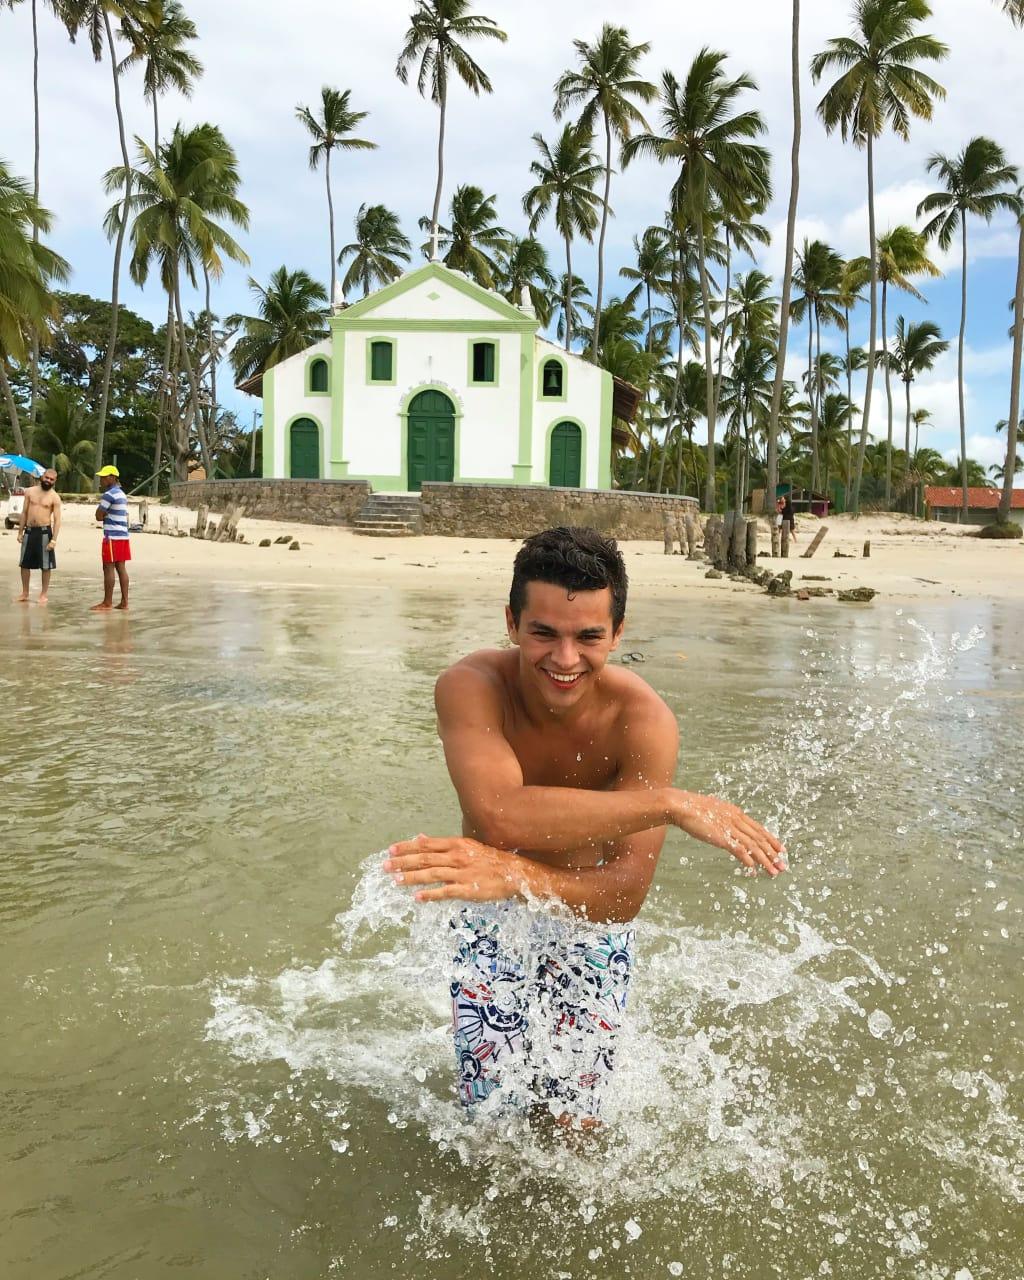 Voluntário em praia turística de Recife